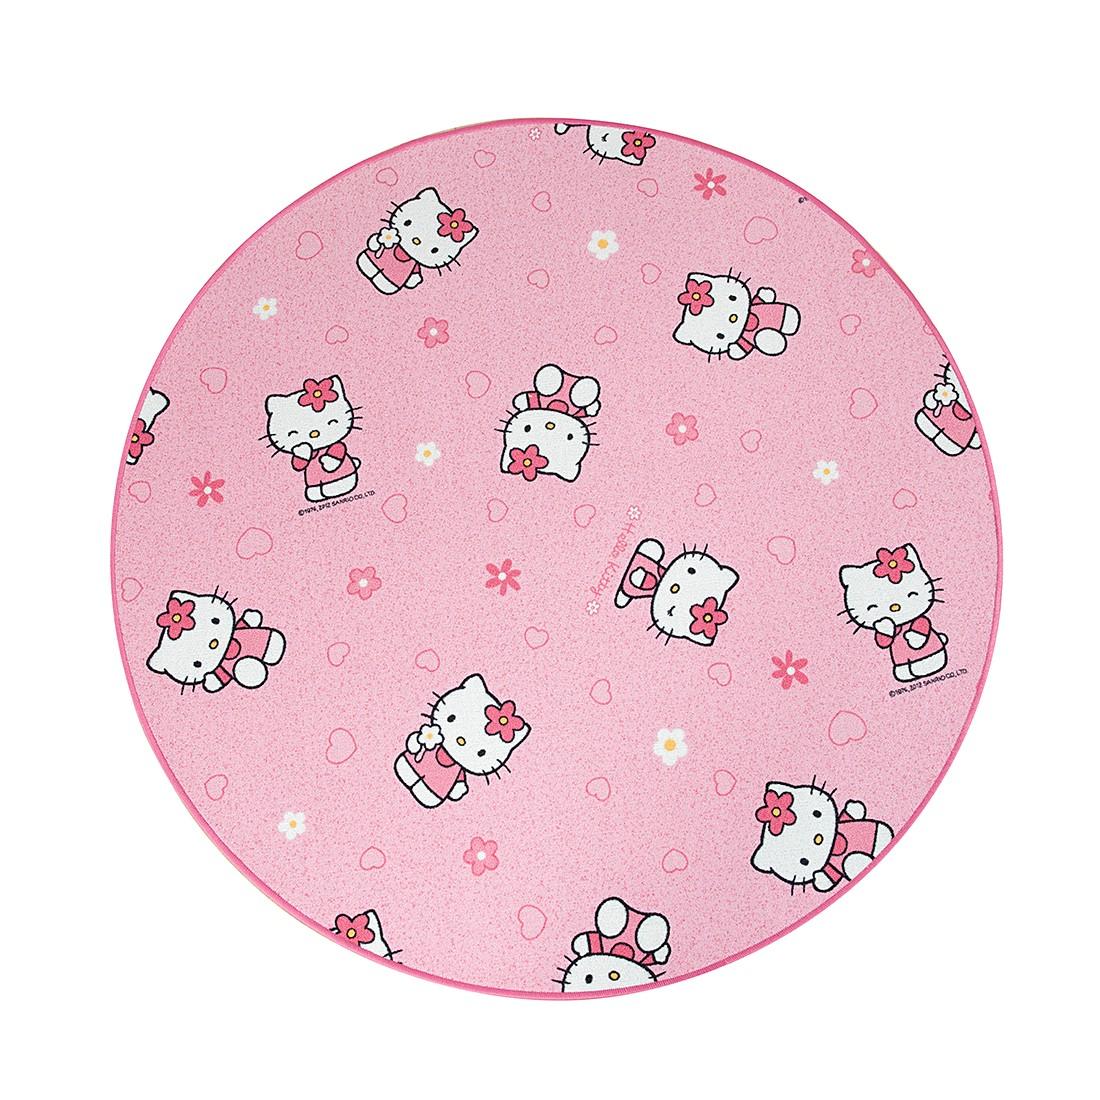 Kinderteppich Hello Kitty (rund) – Pink – Durchmesser: 160cm, Testil günstig